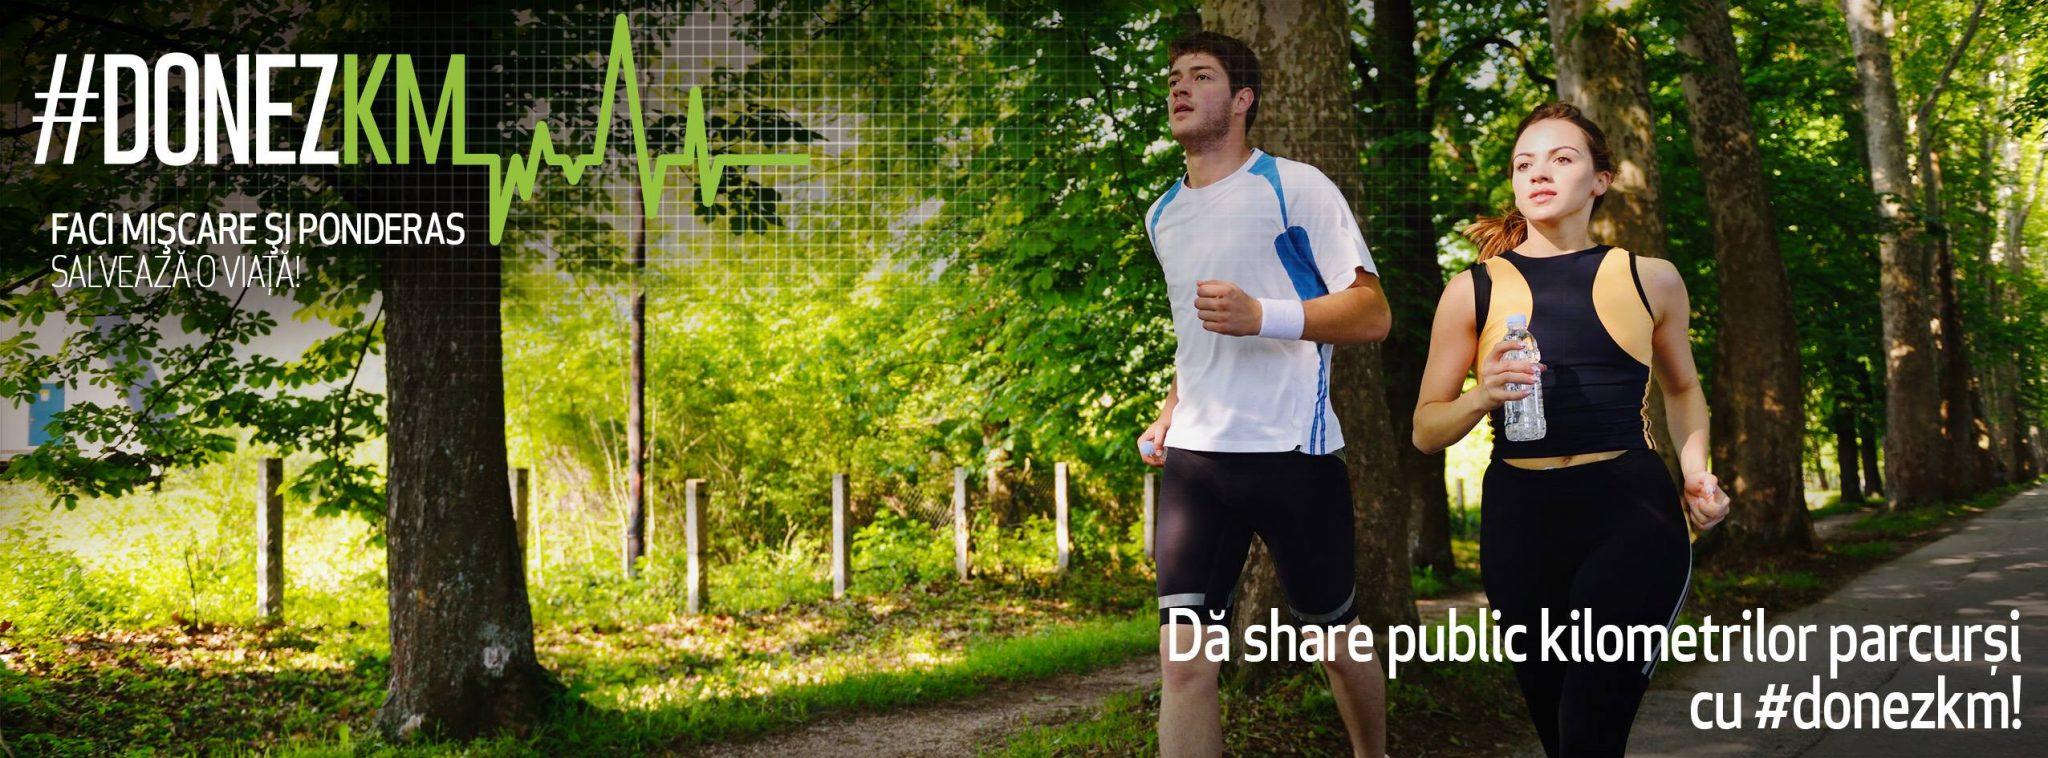 #donezkm la  Semimaratonul International Bucureşti, pentru un caz grav de obezitate. Vă invit să faceţi la fel!